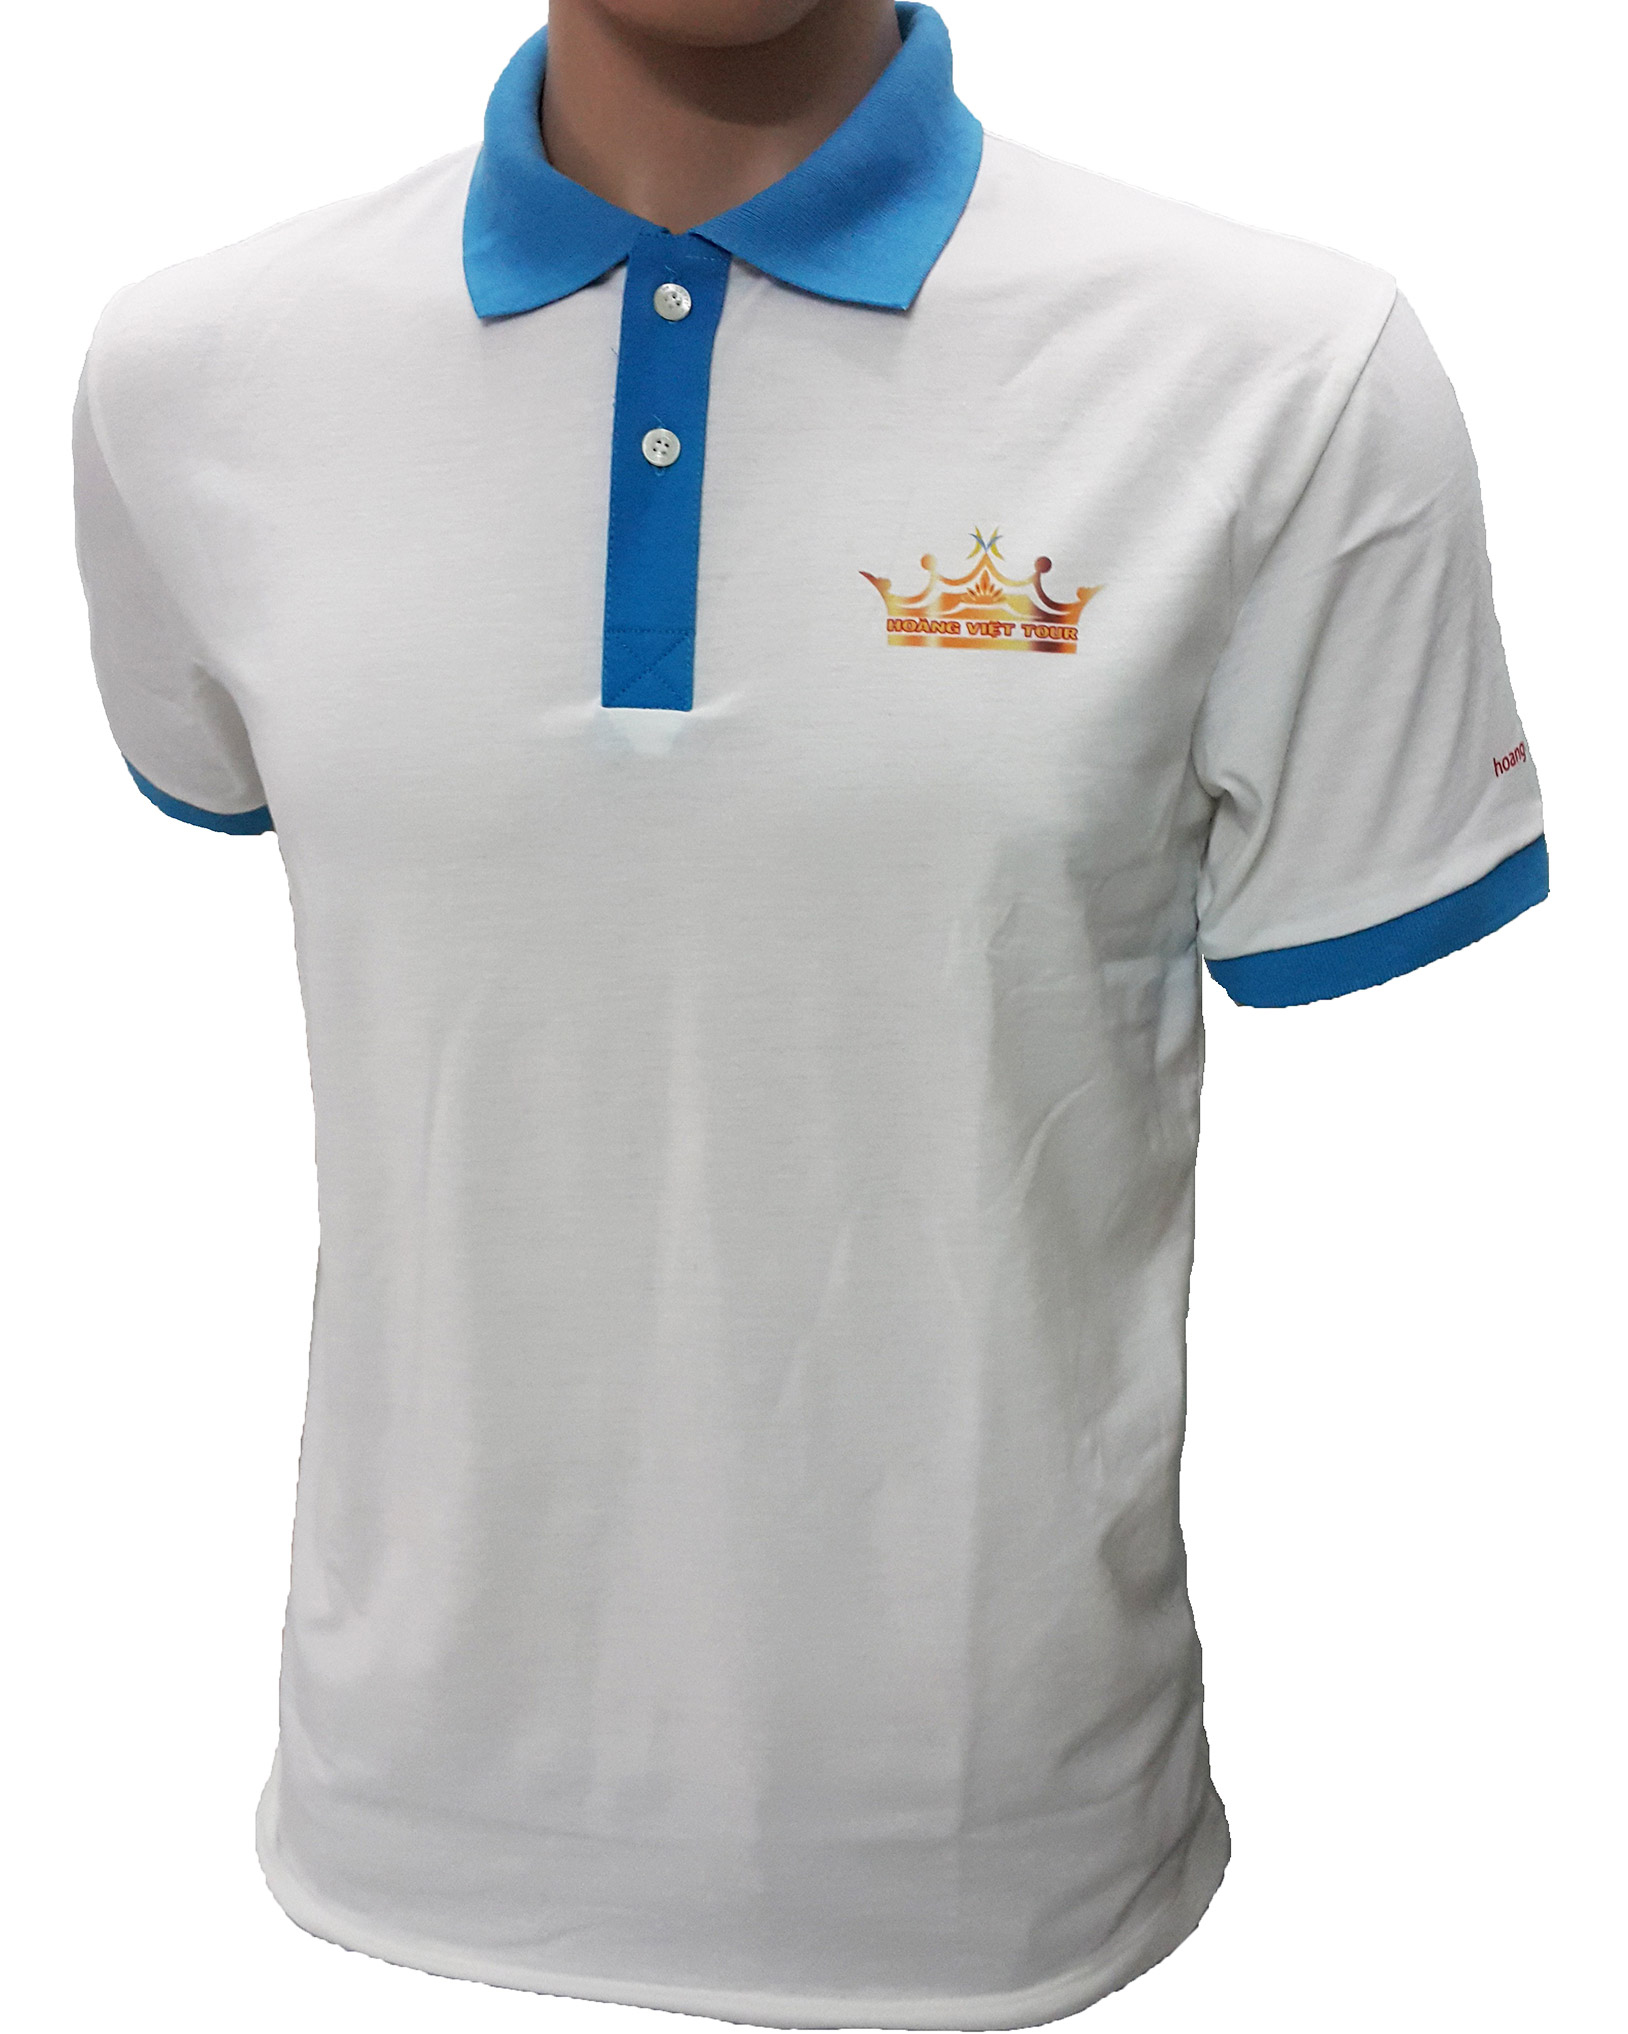 Mẫu áo thun đồng phục của Hoàng Việt Tour - mặt nghiêng